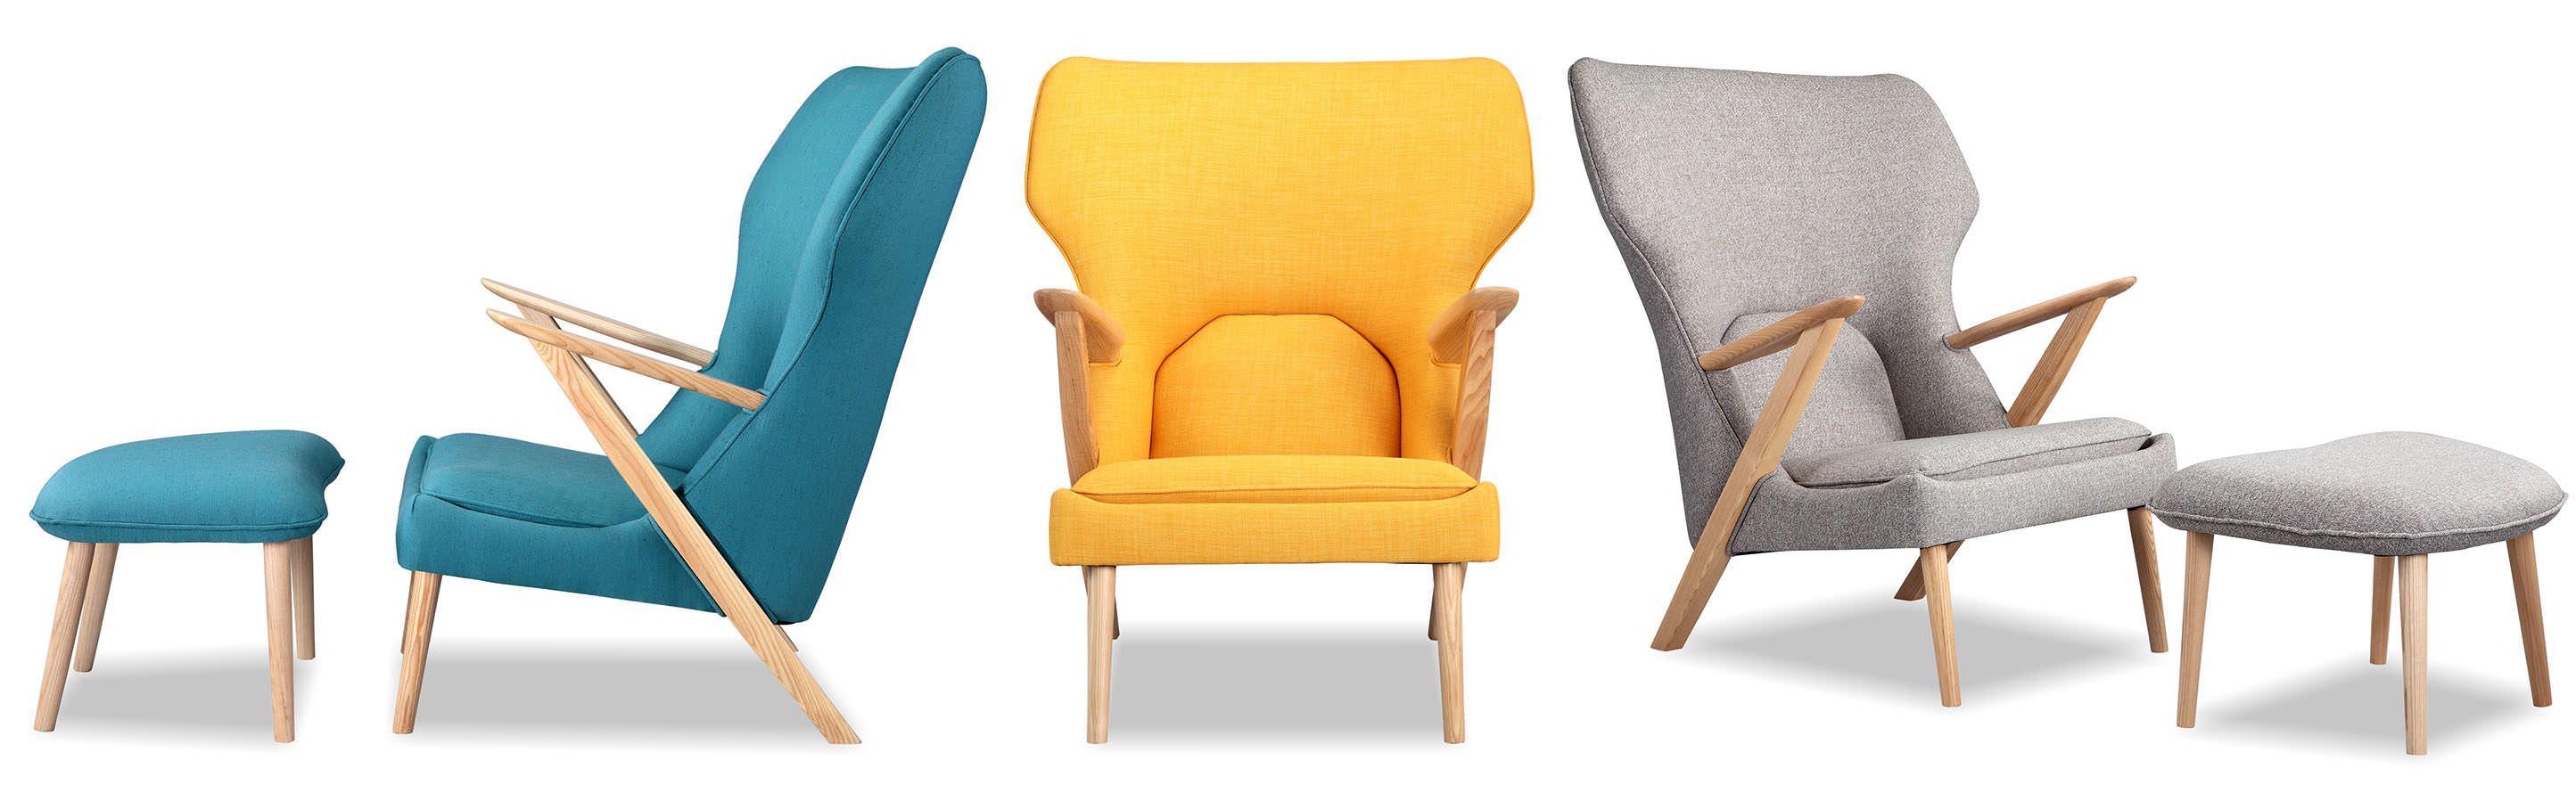 Chairs Lounge Chairs Cub Chair & Ottoman Kar l